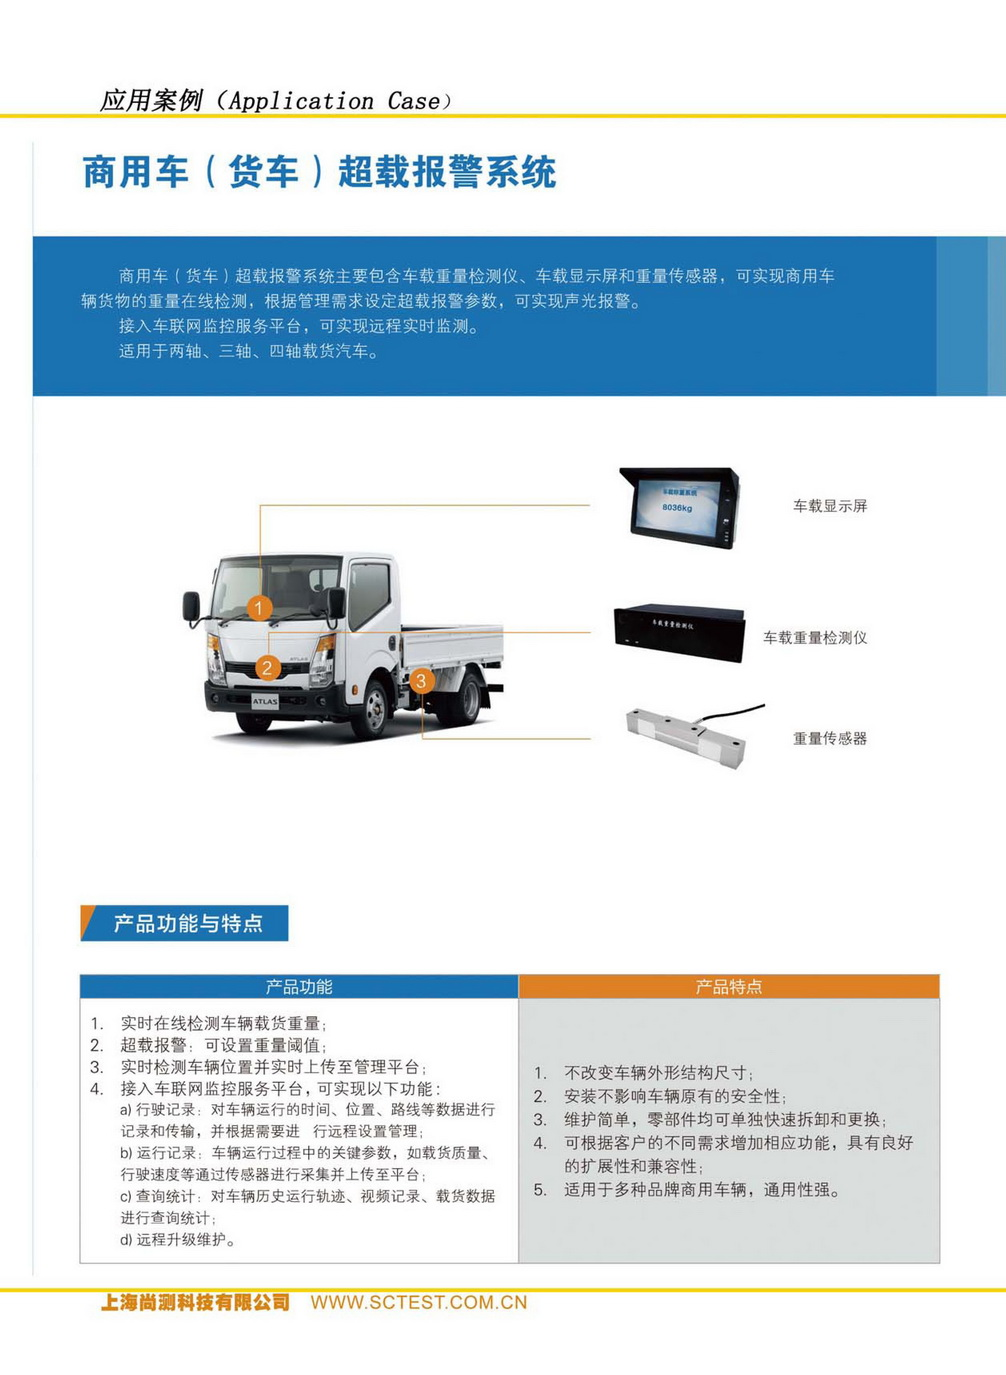 尚测科技产品选型手册 V1.3_页面_83_调整大小.jpg